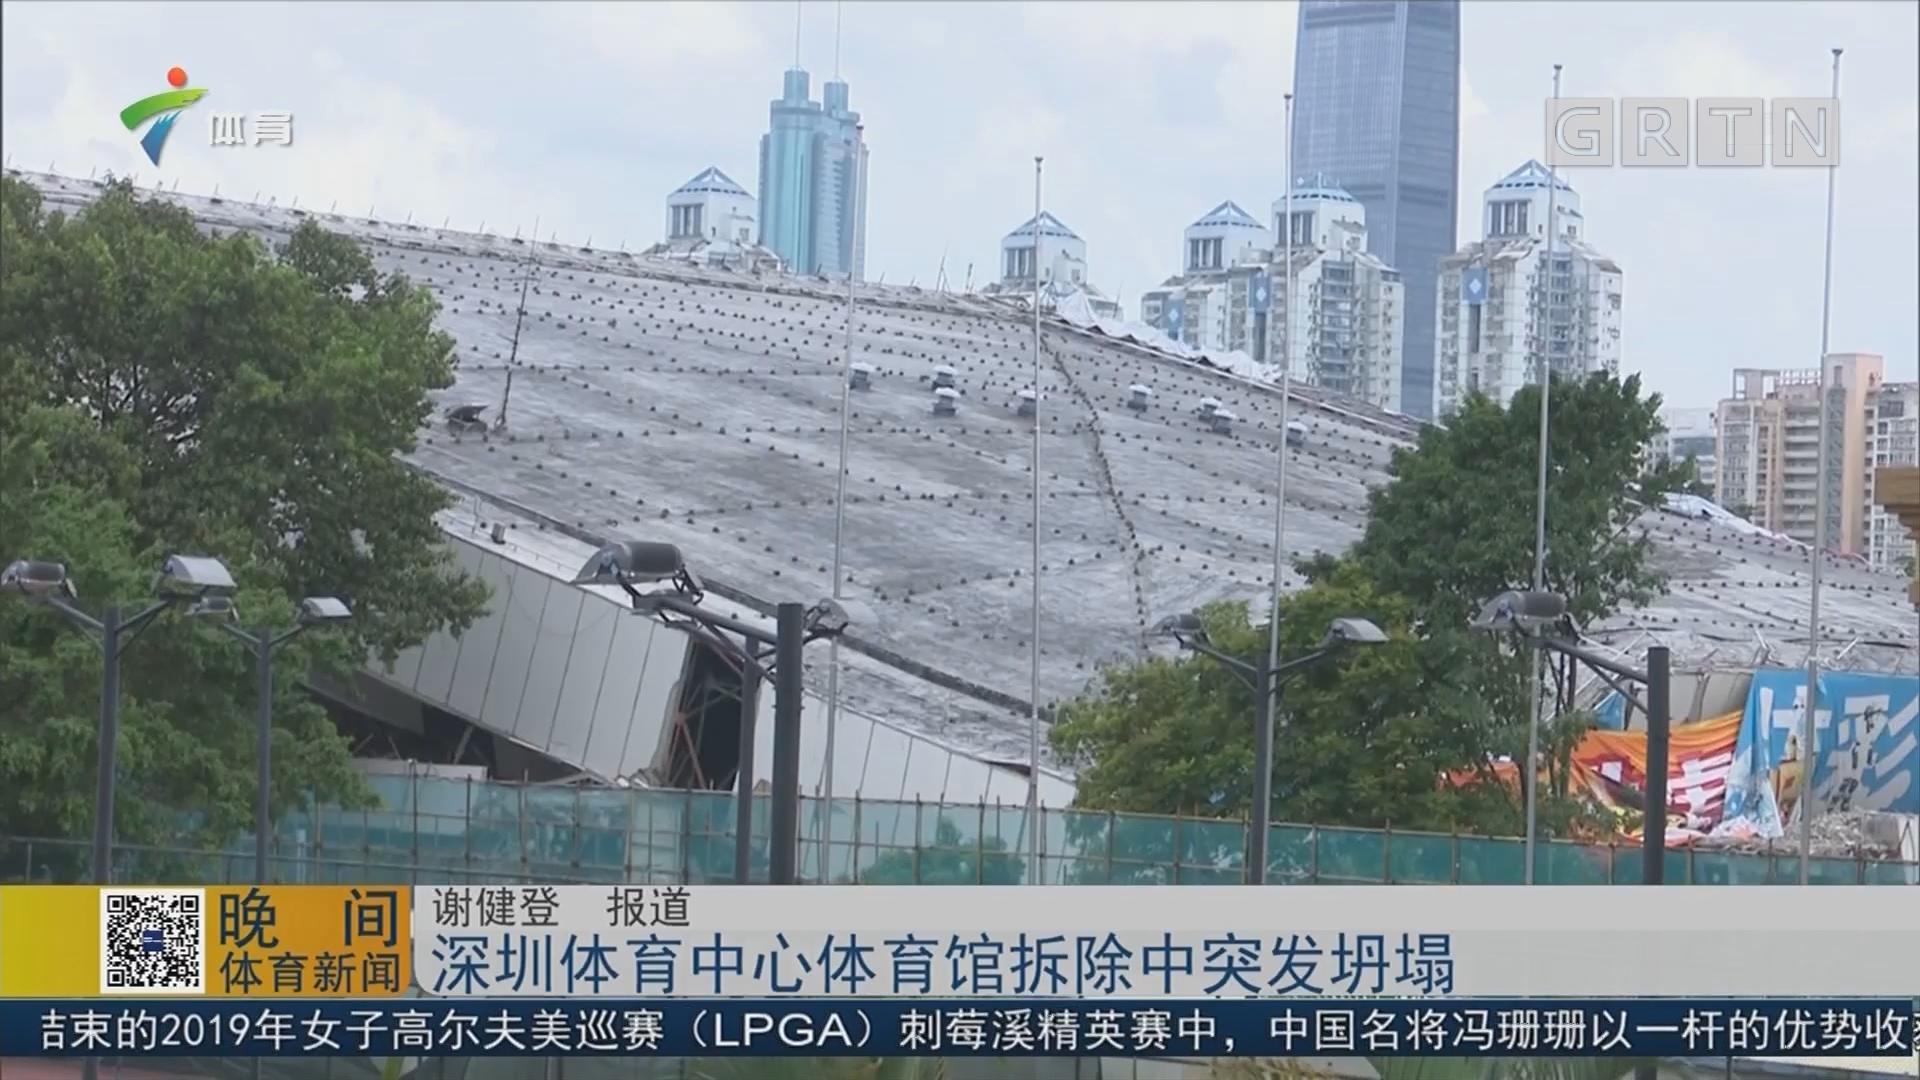 深圳體育中心體育館拆除中突發坍塌